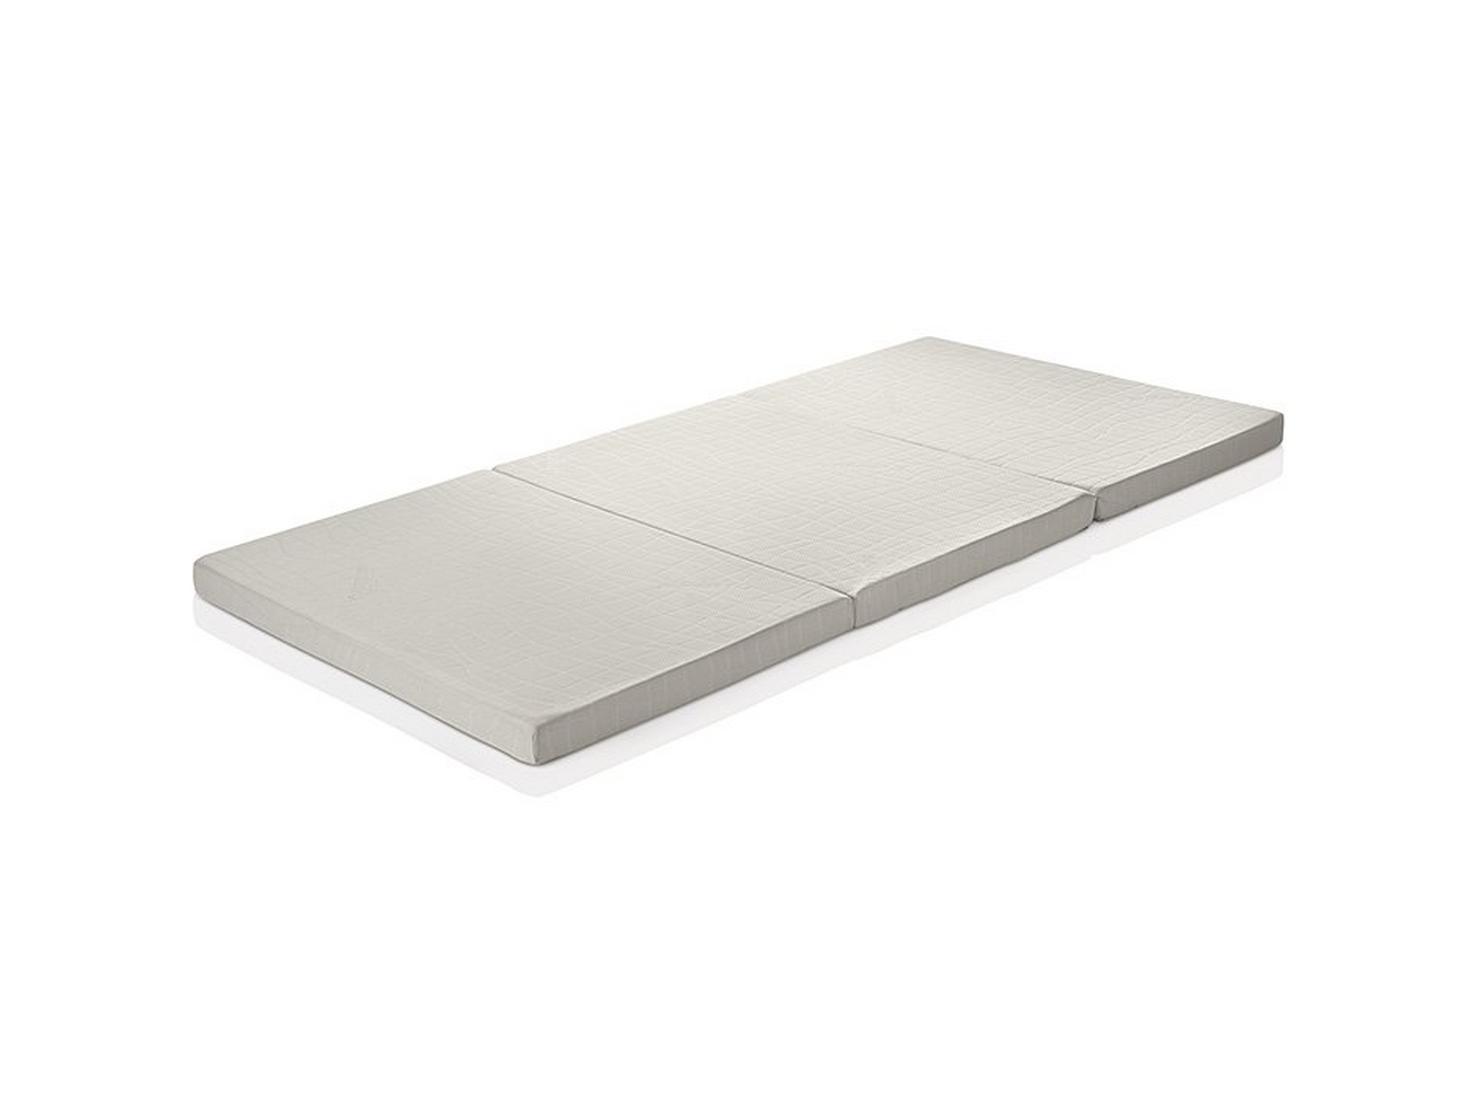 【送料無料】 テンピュール マットレス フトン シンプル Sサイズ シングルサイズ tempur futon simple 幅95 x 長さ195 x 厚さ6cm カバー洗濯可能 腰痛対策 三つ折り可能 (代引対象外)